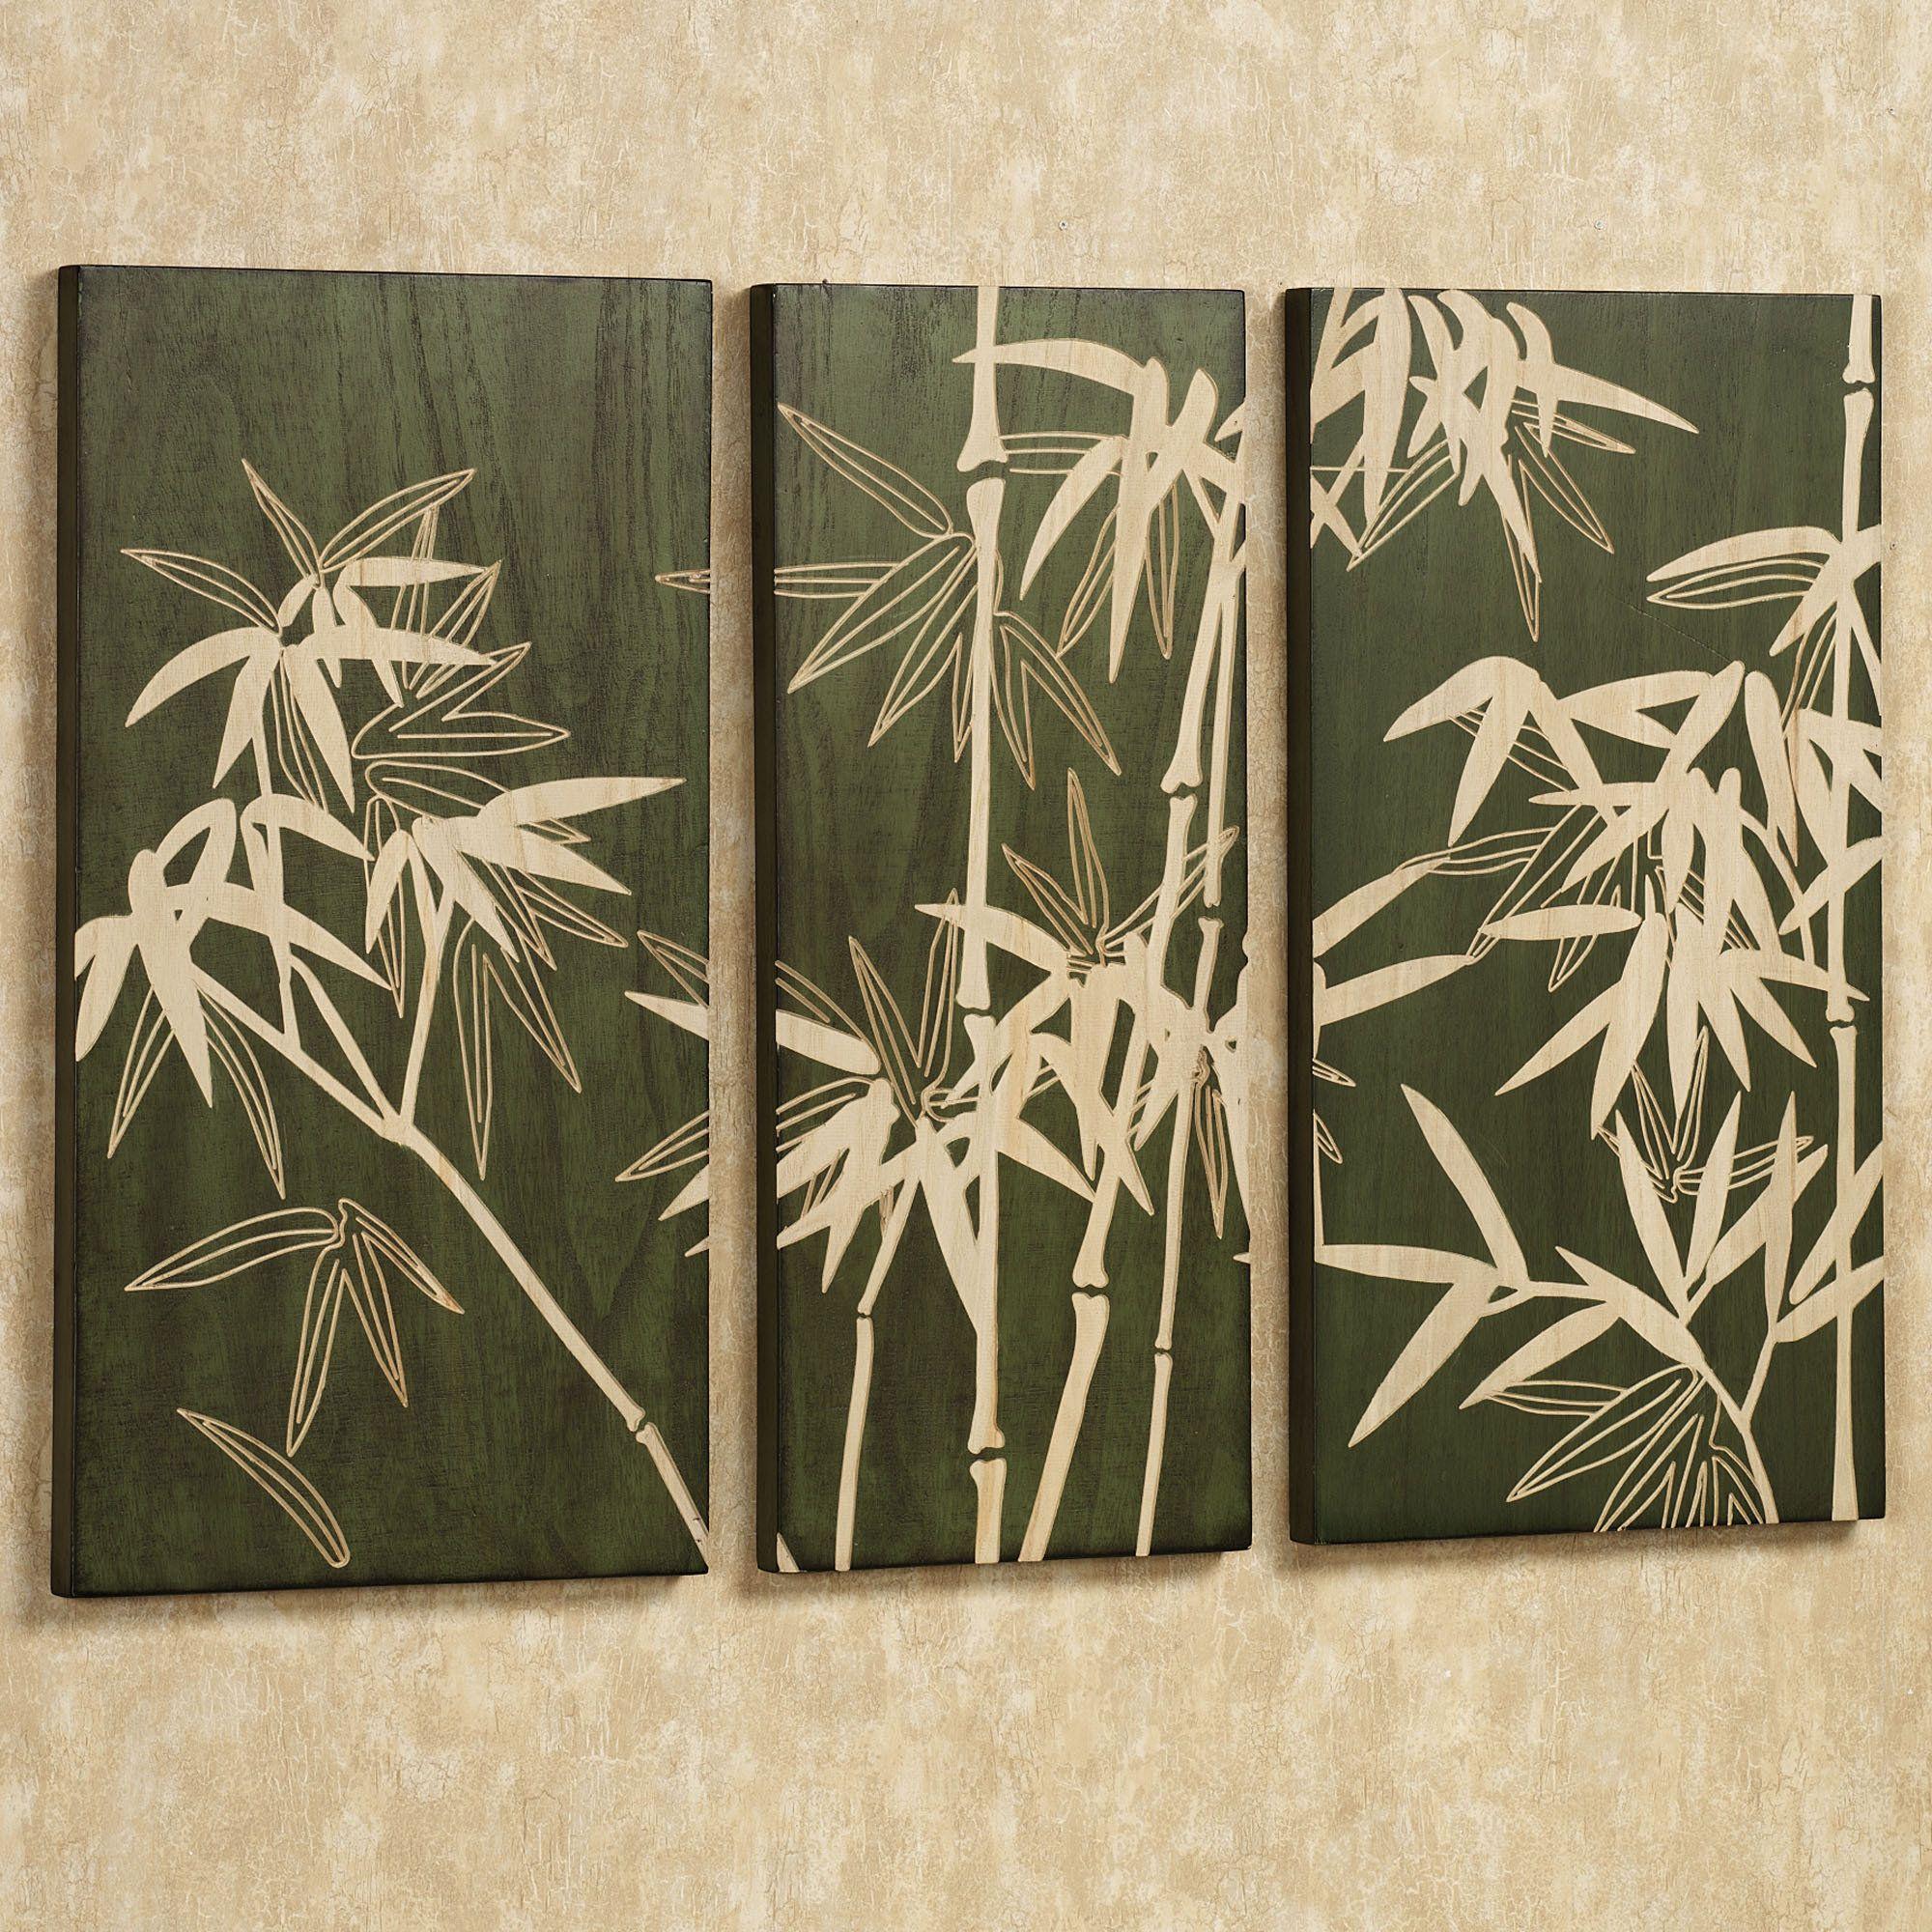 Bamboo Grove Wooden Triptych Wall Art Set Decoracion Balinesa Hojas De Acuarela Paredes Pintadas